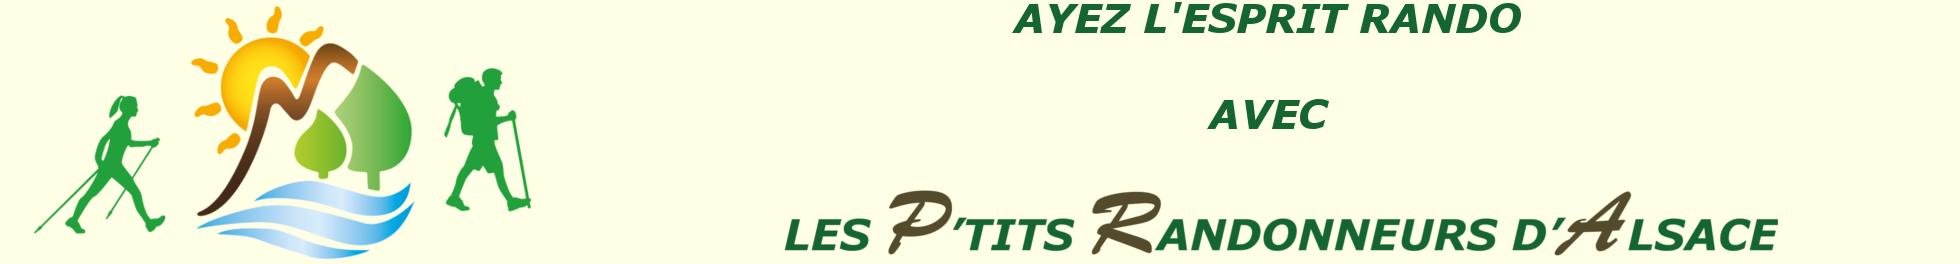 P'tits Randonneurs d'Alsace Haguenau